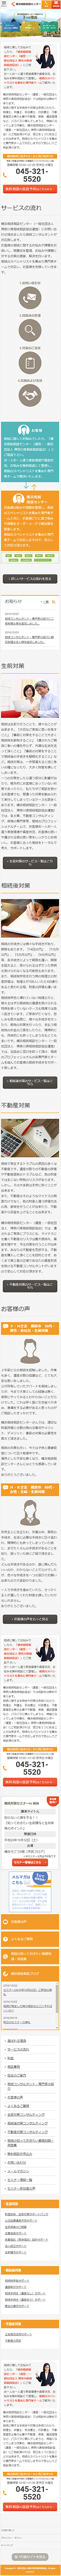 一般社団法人 神奈川県相続相談協会様